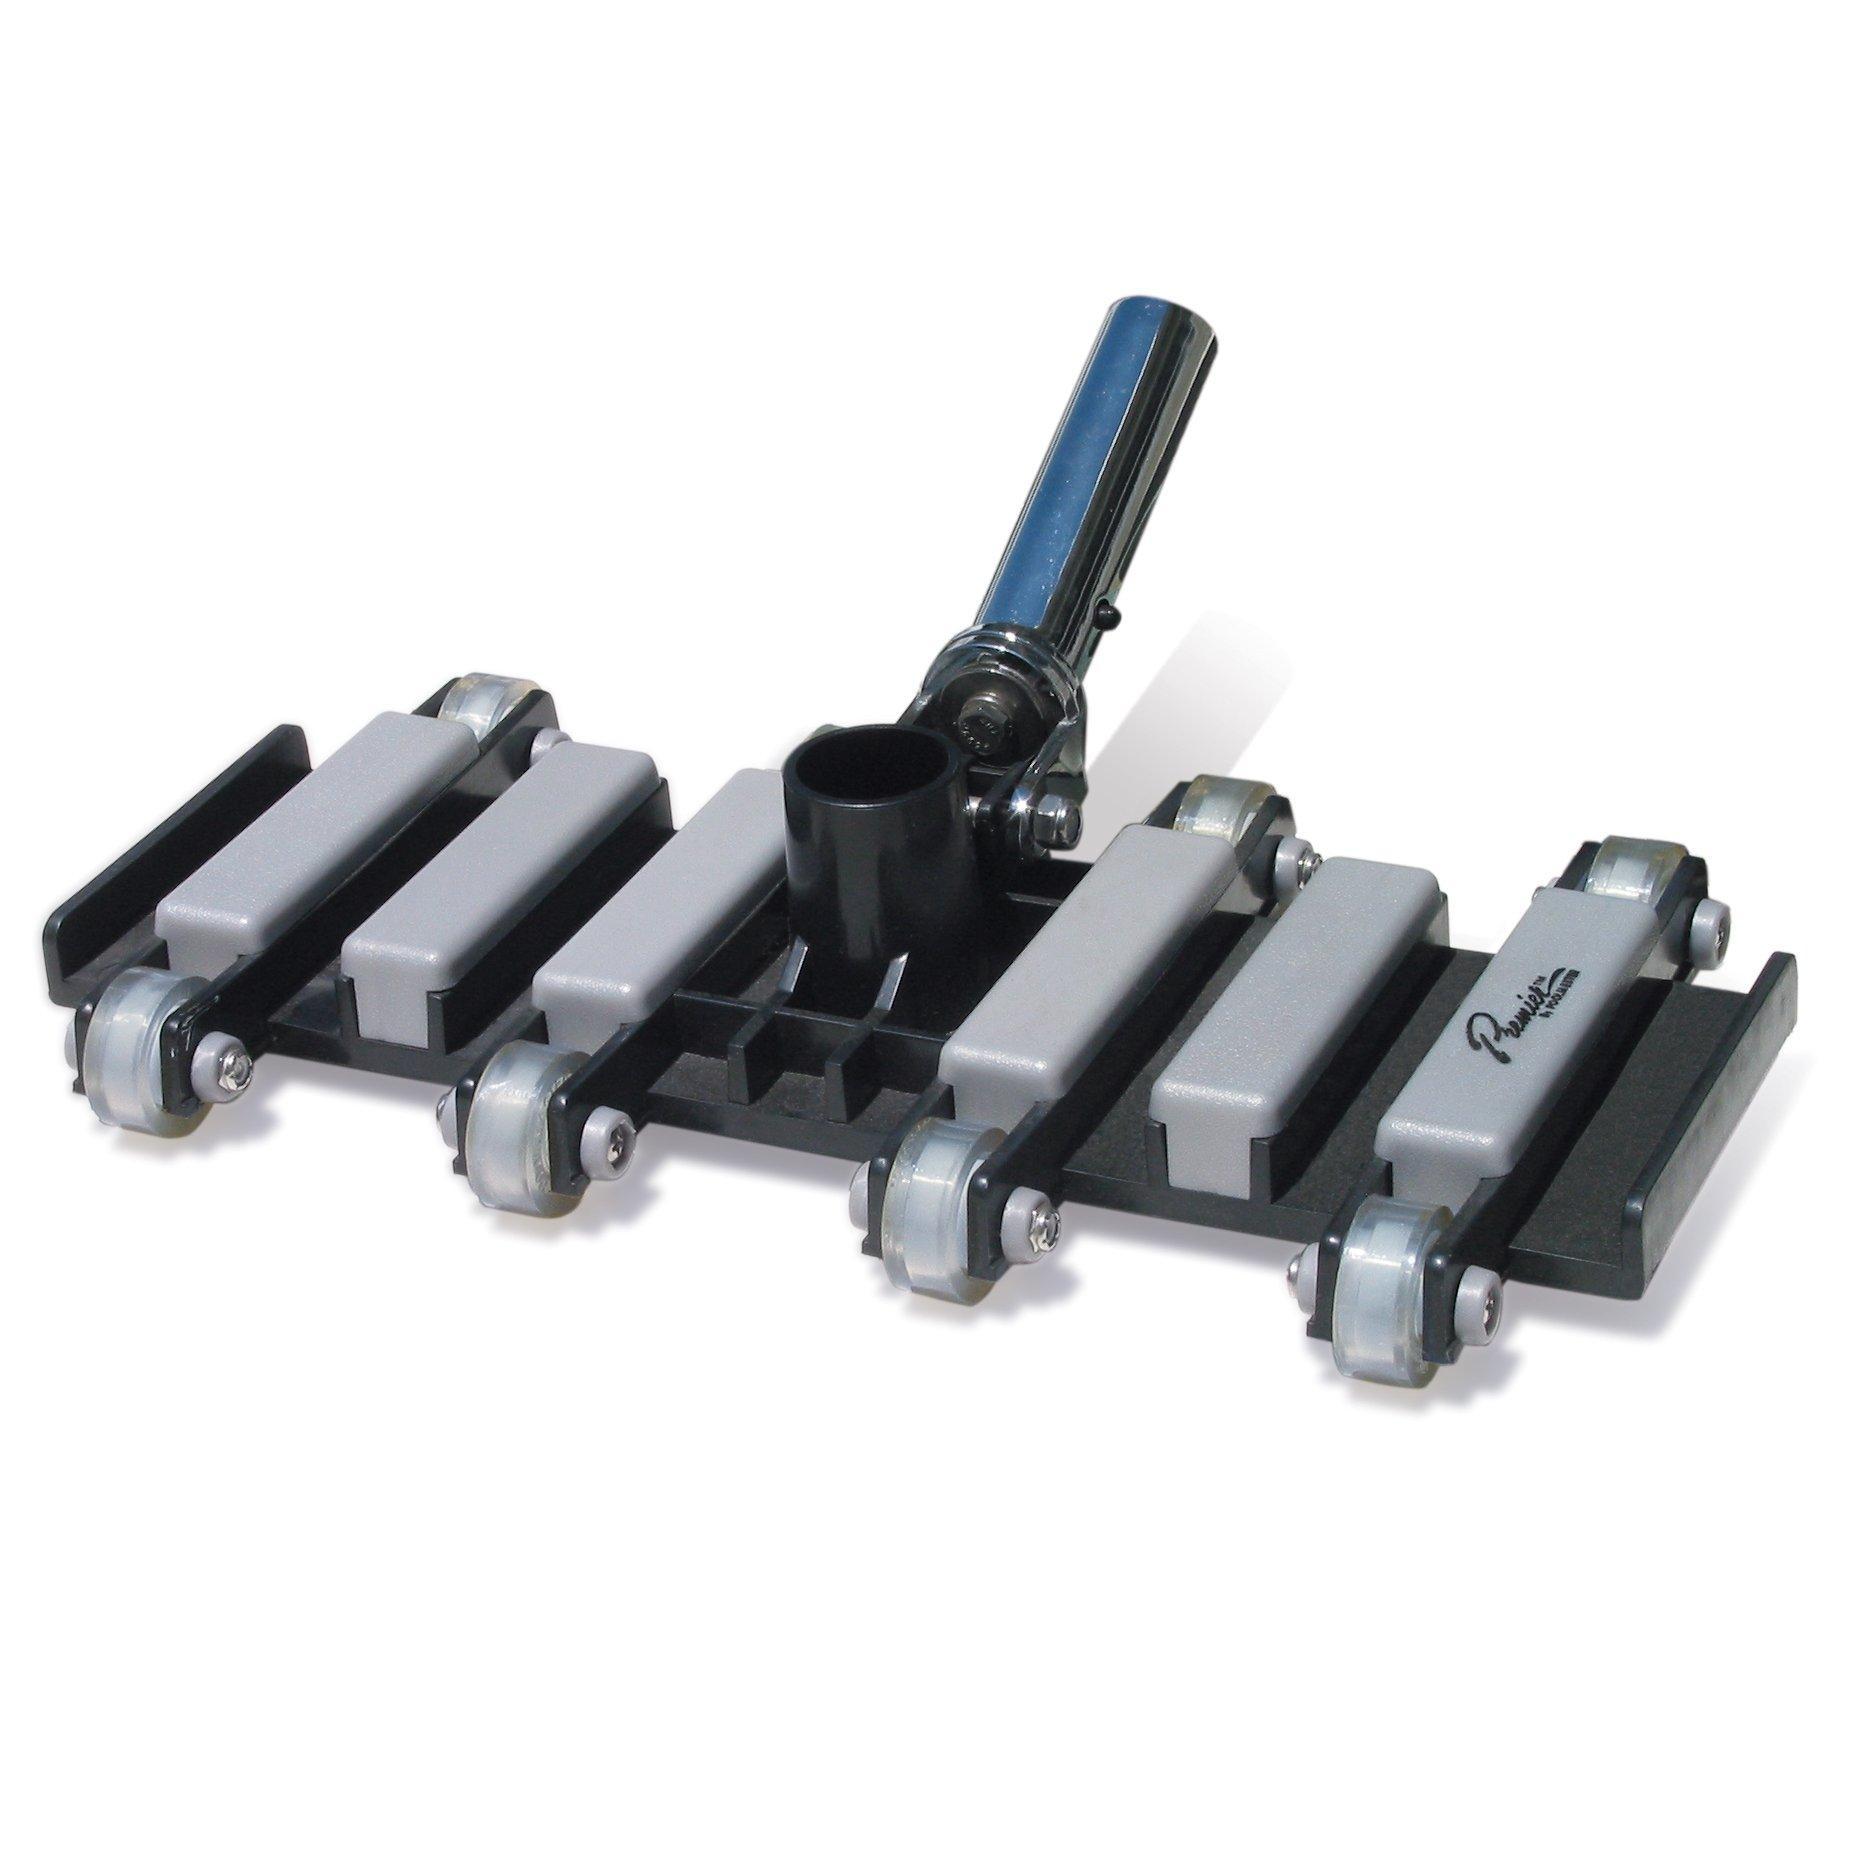 Poolmaster 27240 Premier Swivel Flexible Vacuum